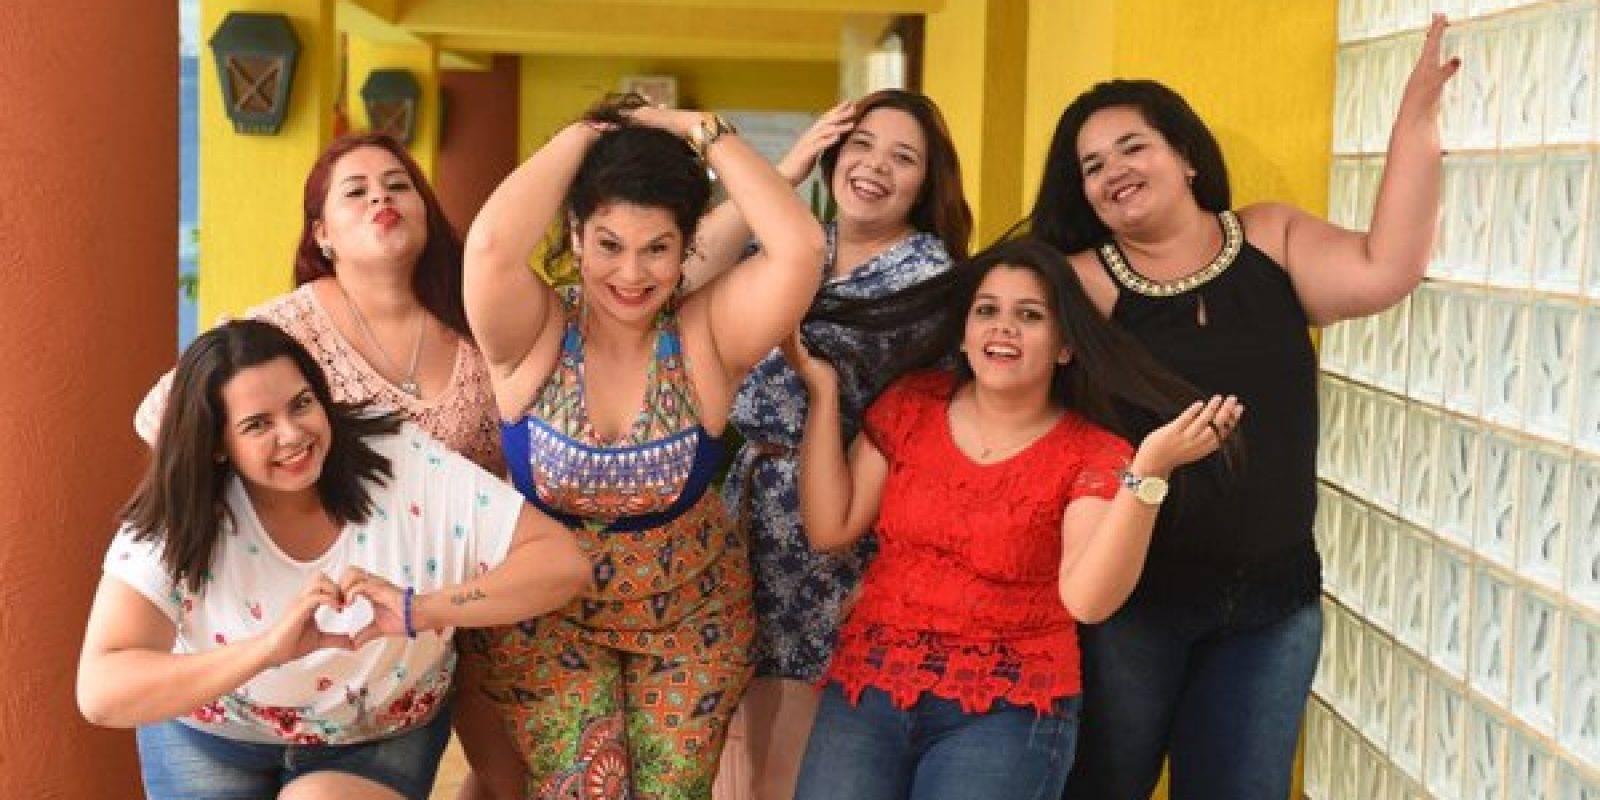 . Imagen Por: Vía facebook.com/Miss-Gordita-Paraguay-Pagina-Oficial